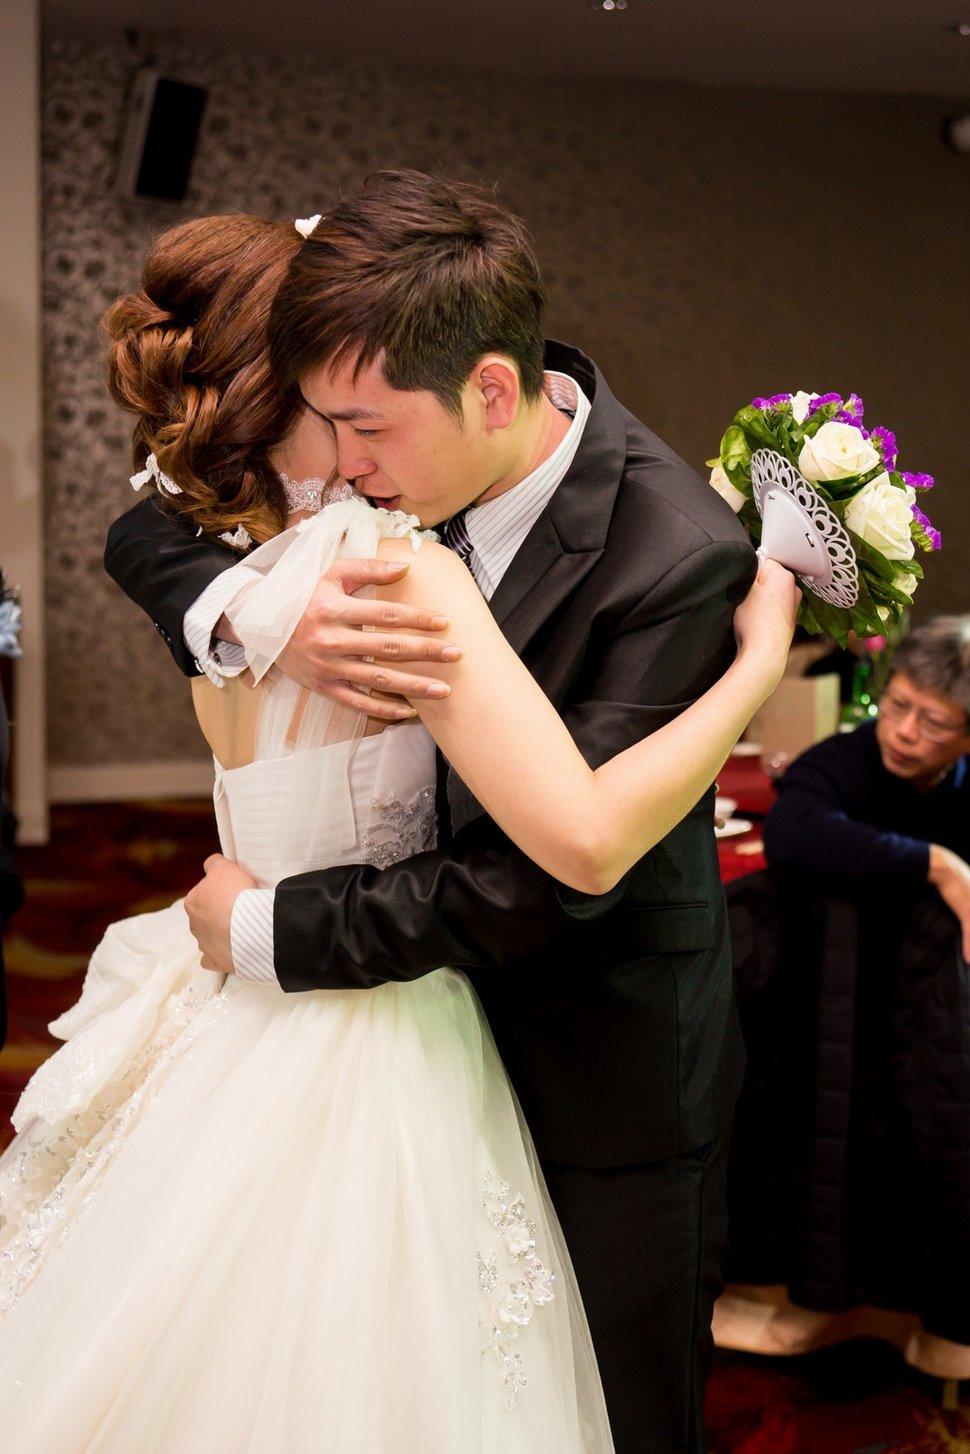 2014-01-18 1035 - 全職攝影師 Jerry  (婚攝杰瑞) - 結婚吧